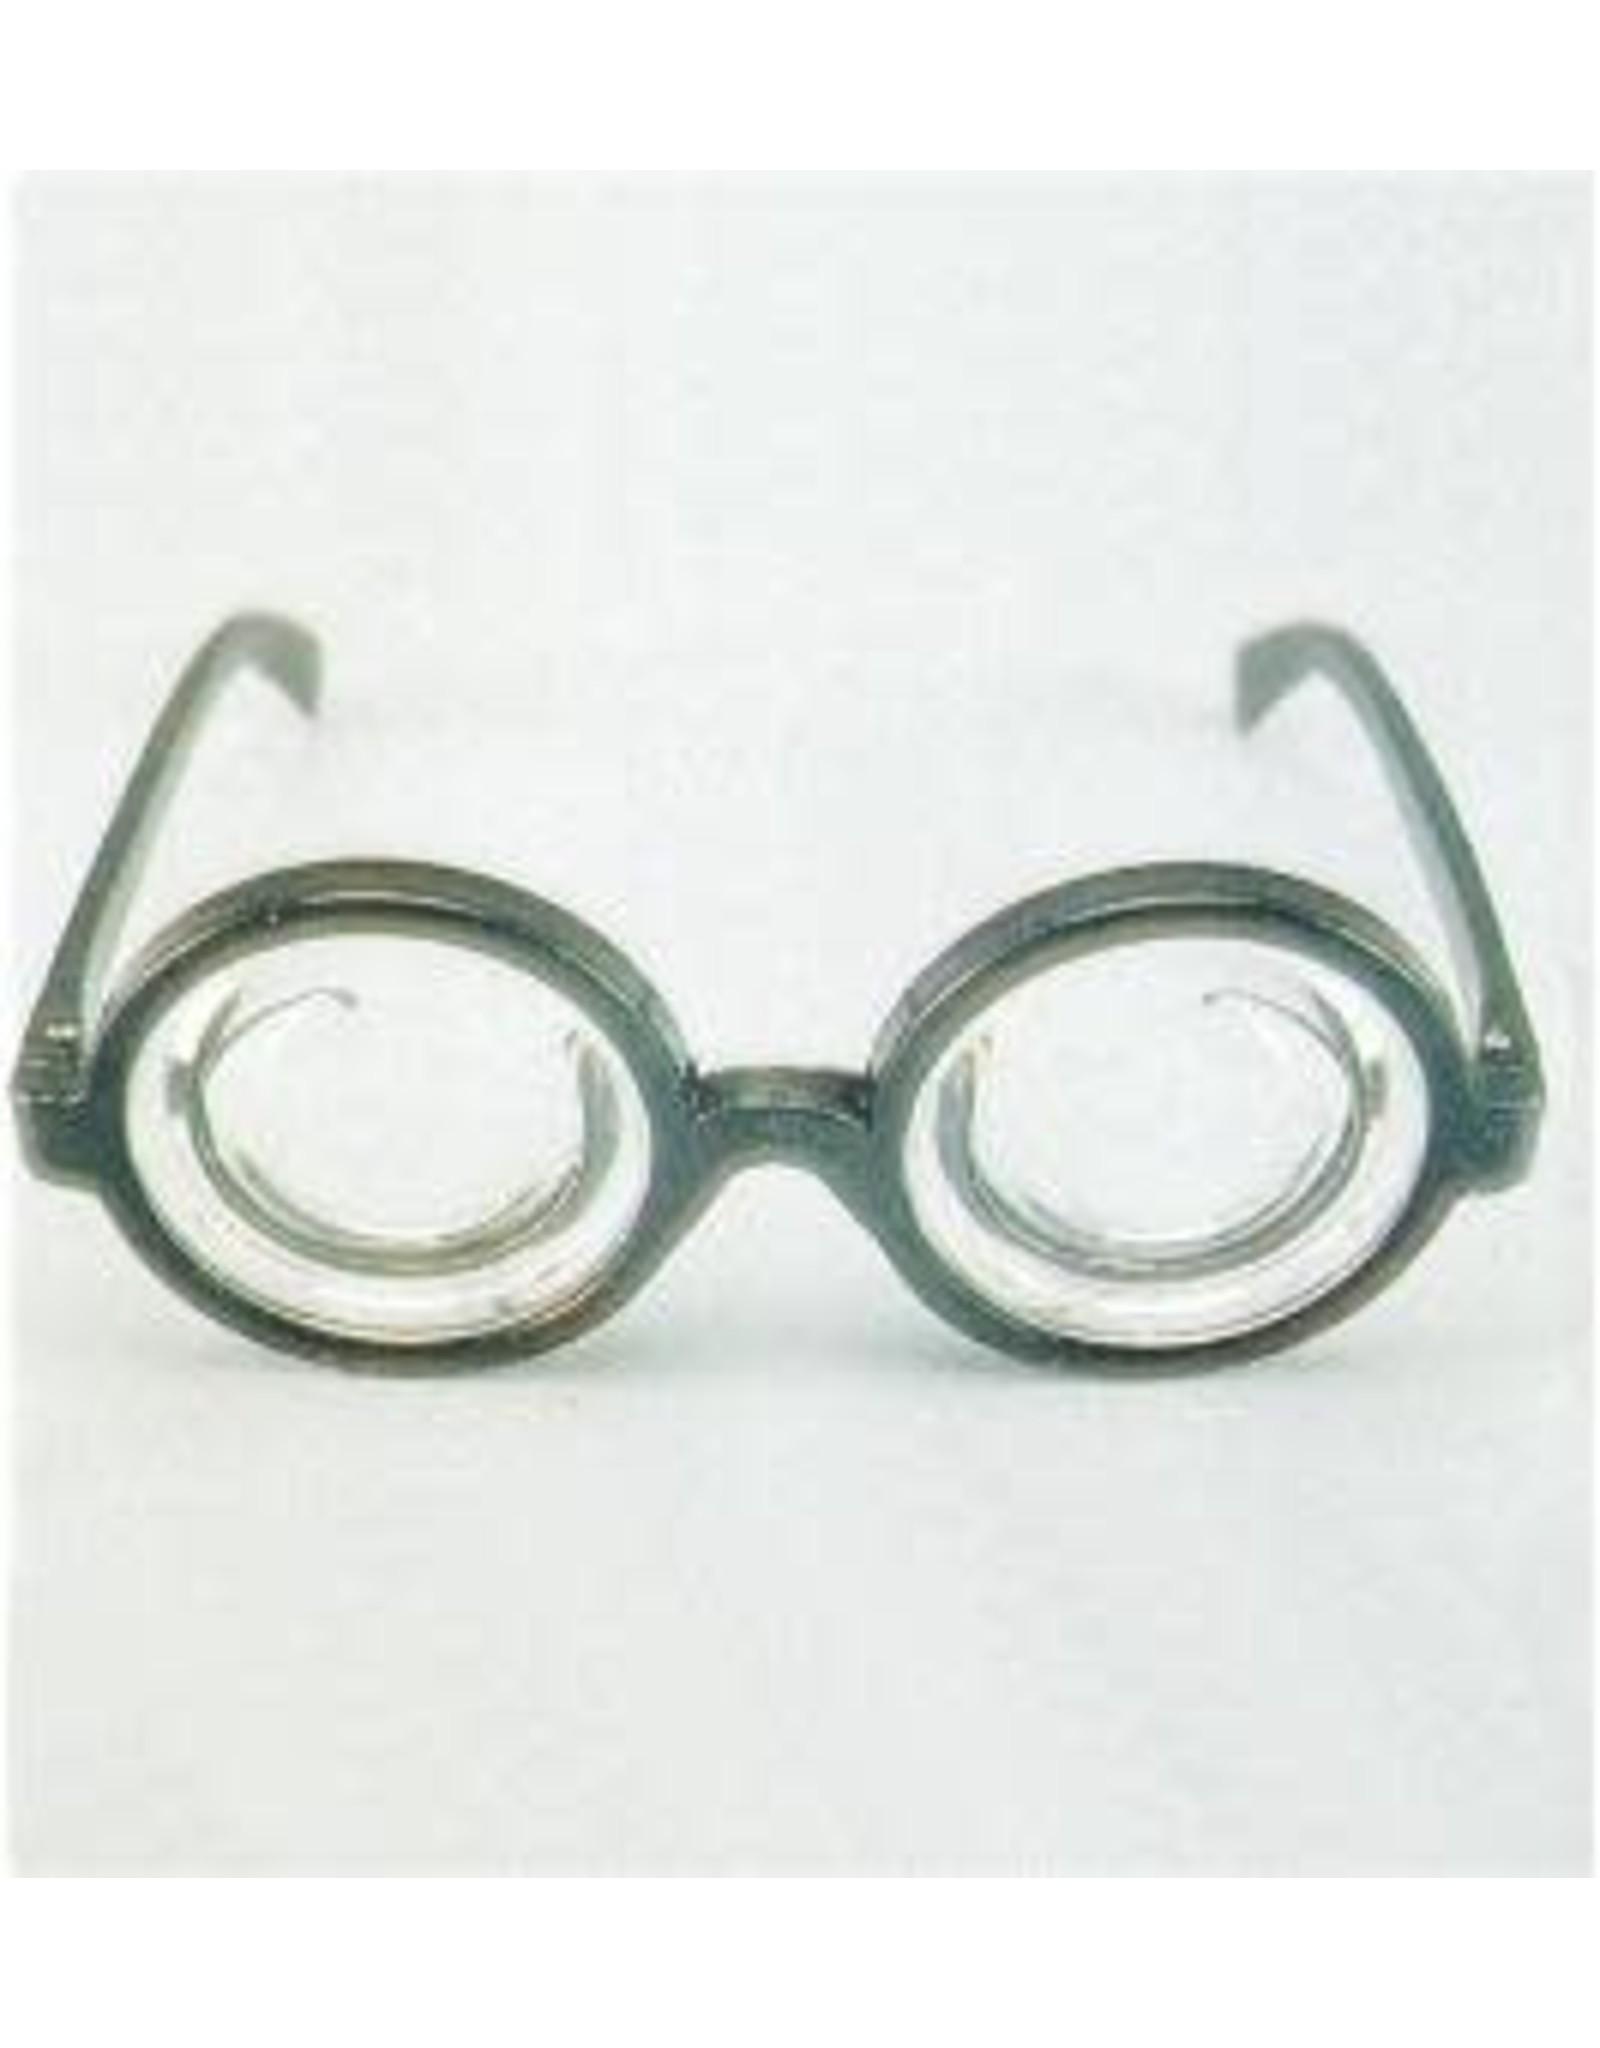 SKS Novelty Bottle Lens Nerd Specs